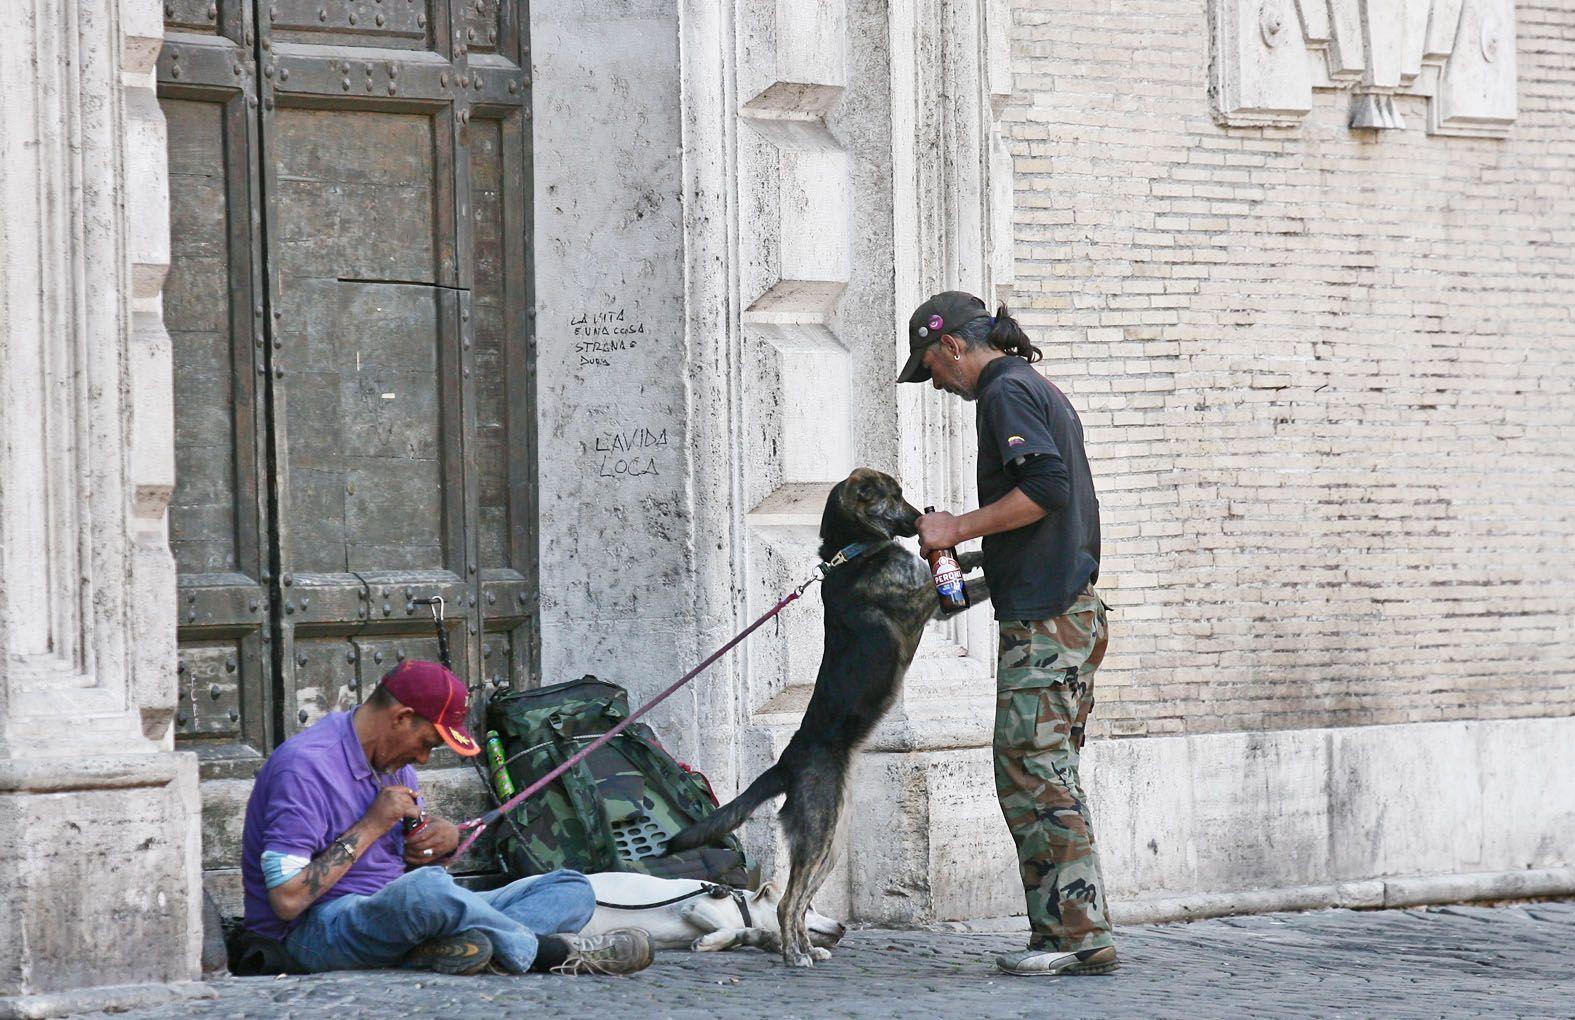 Senzatetto bivaccano vicino alla chiesa di Santa Maria in Trastevere (Jpeg)